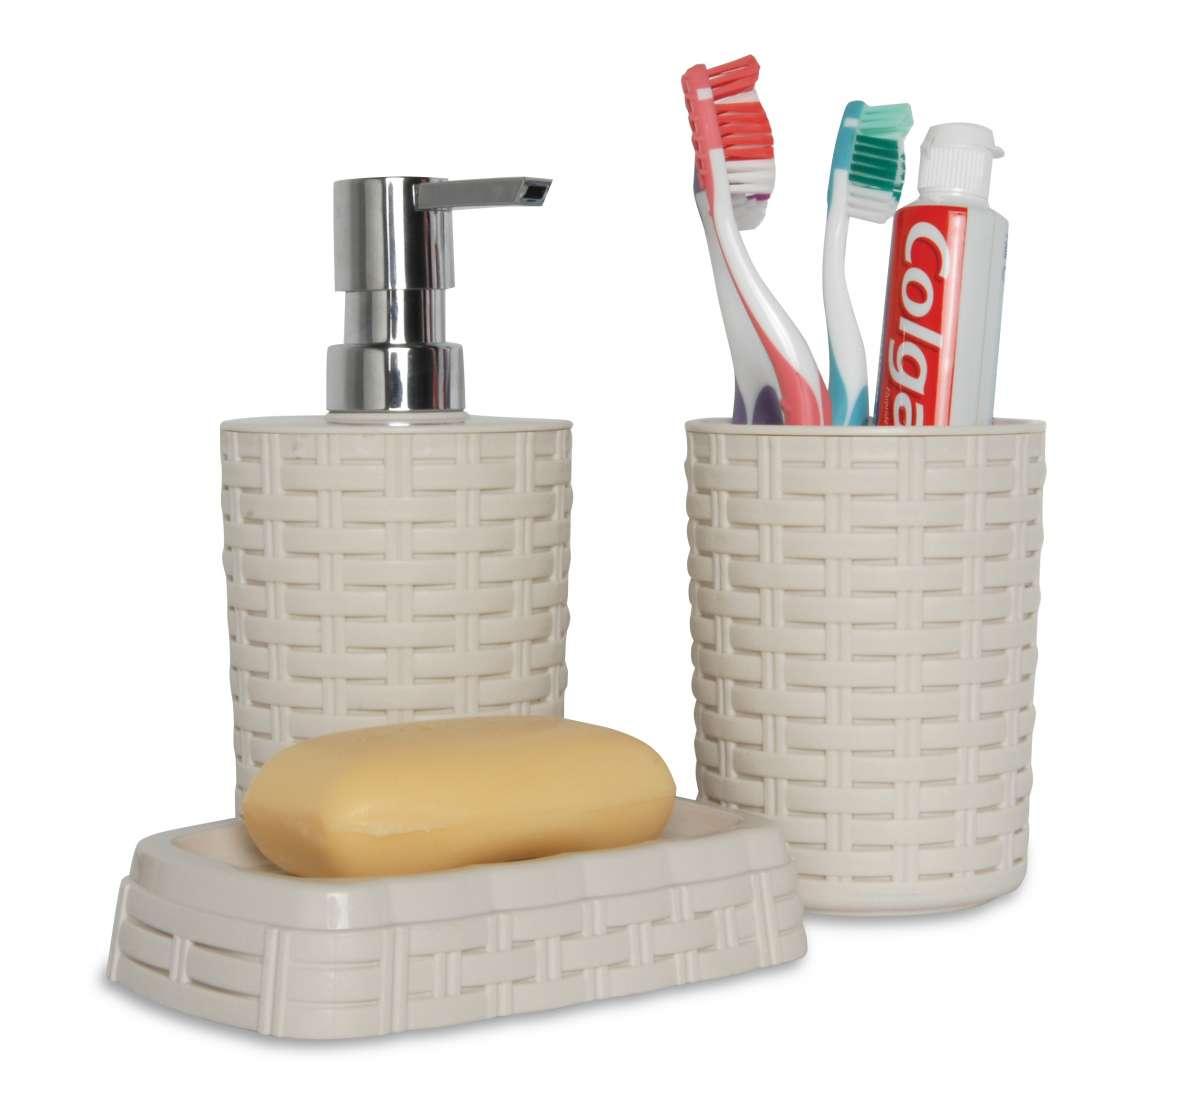 ליפסקי - אביזרים לאמבטיה בעיצוב ראטן